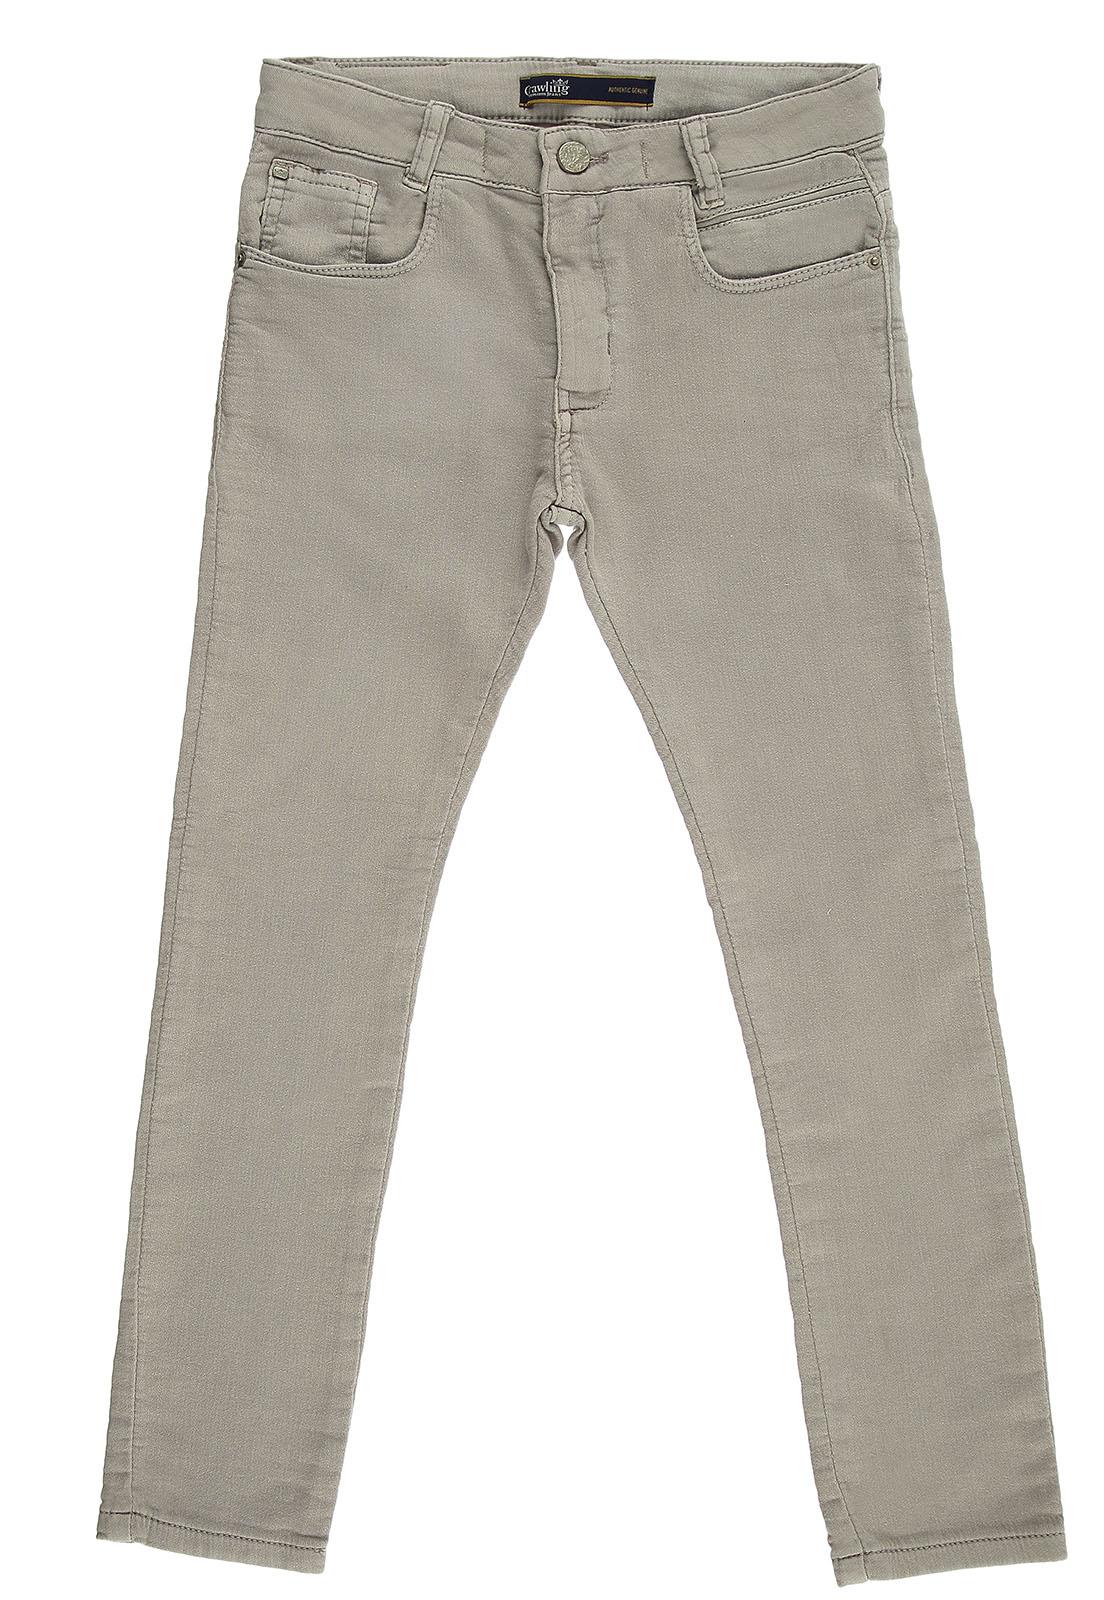 Calça Masculina Skinny Crawling Premium